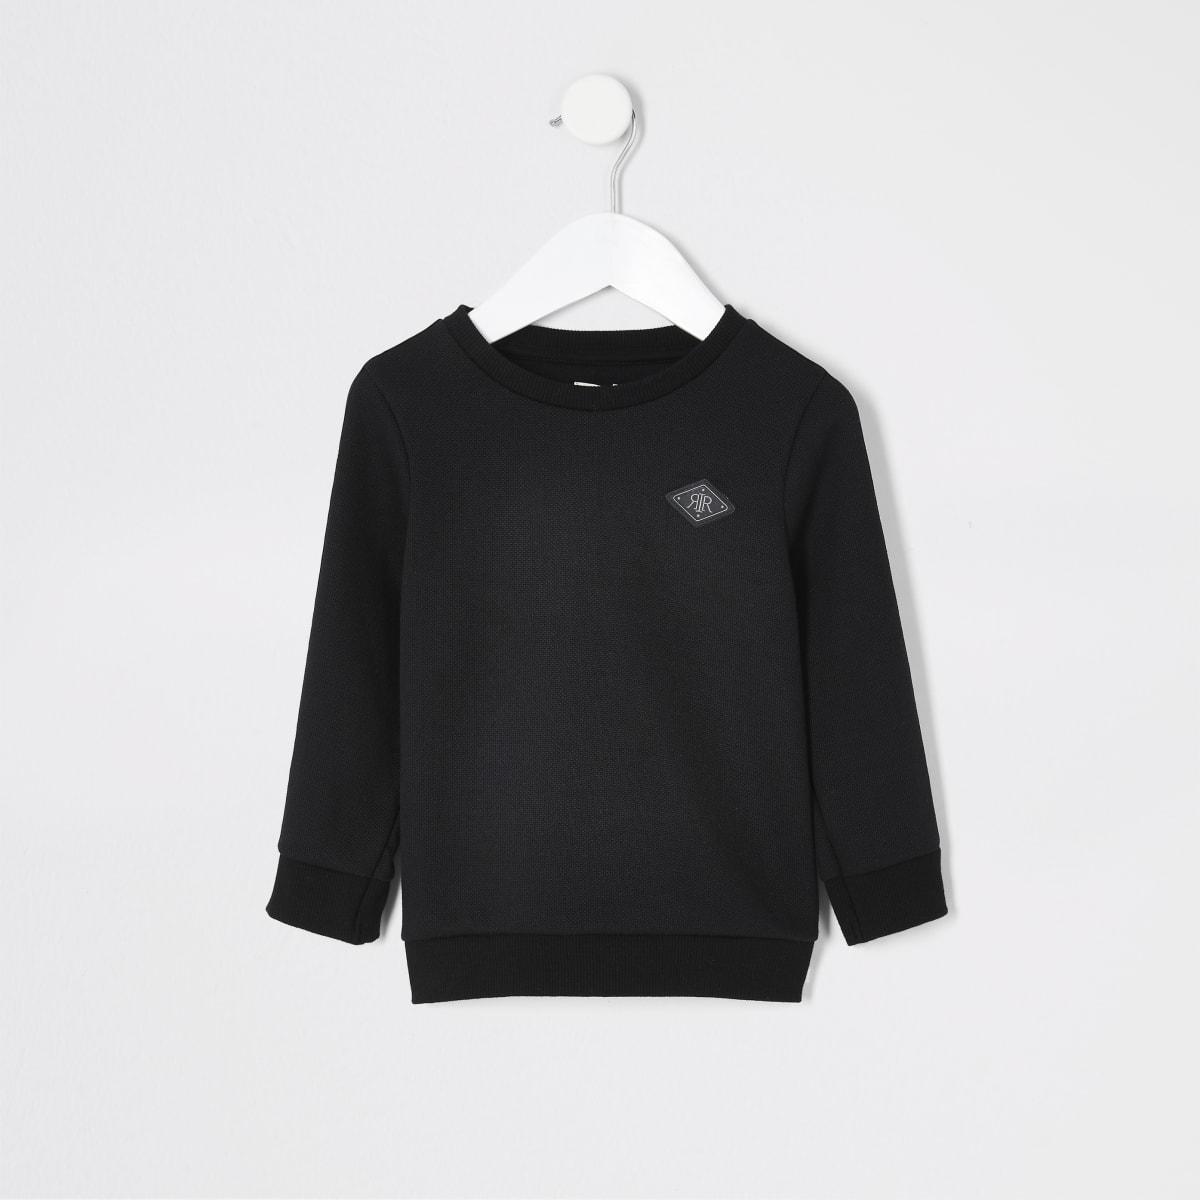 Maison Riviera - Zwarte sweater met piqué bies voor mini-jongens